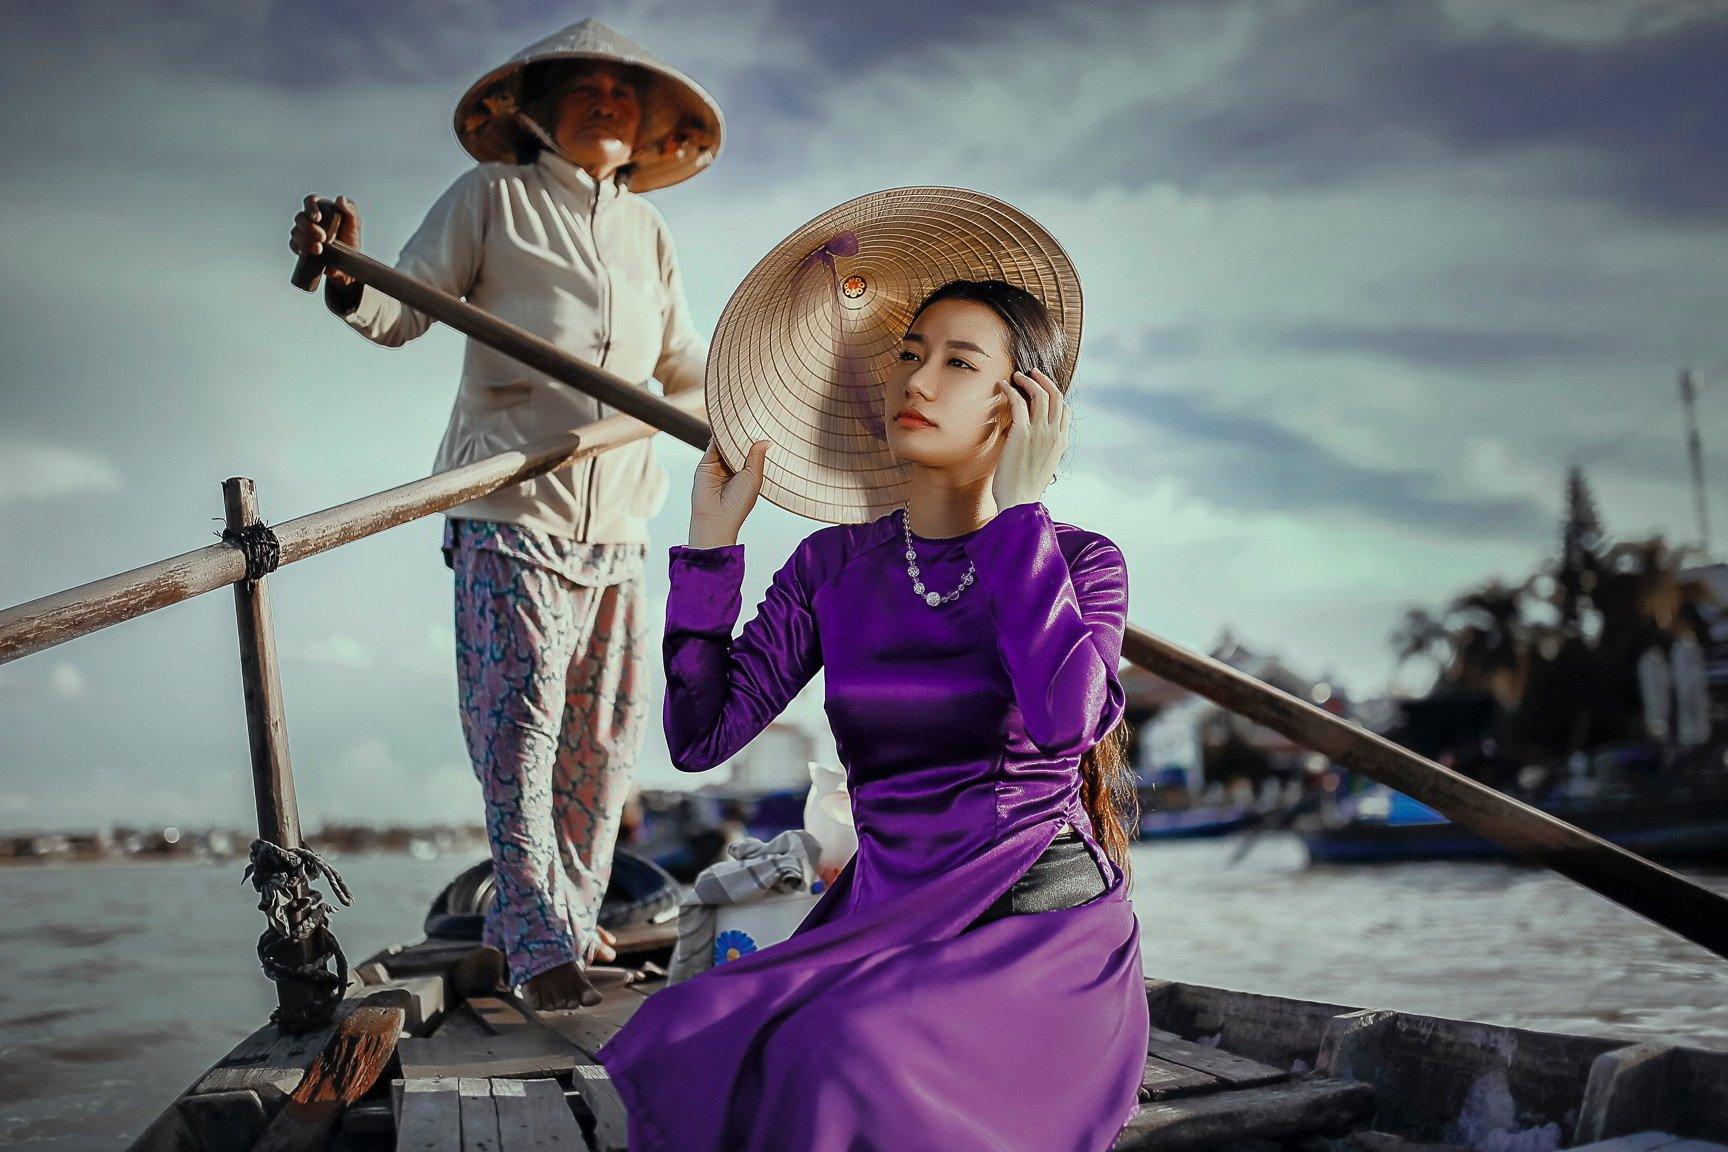 Putovanje-Vijetnam-Otkrij-Vijetnam-od-sjevera-do-juga (17)